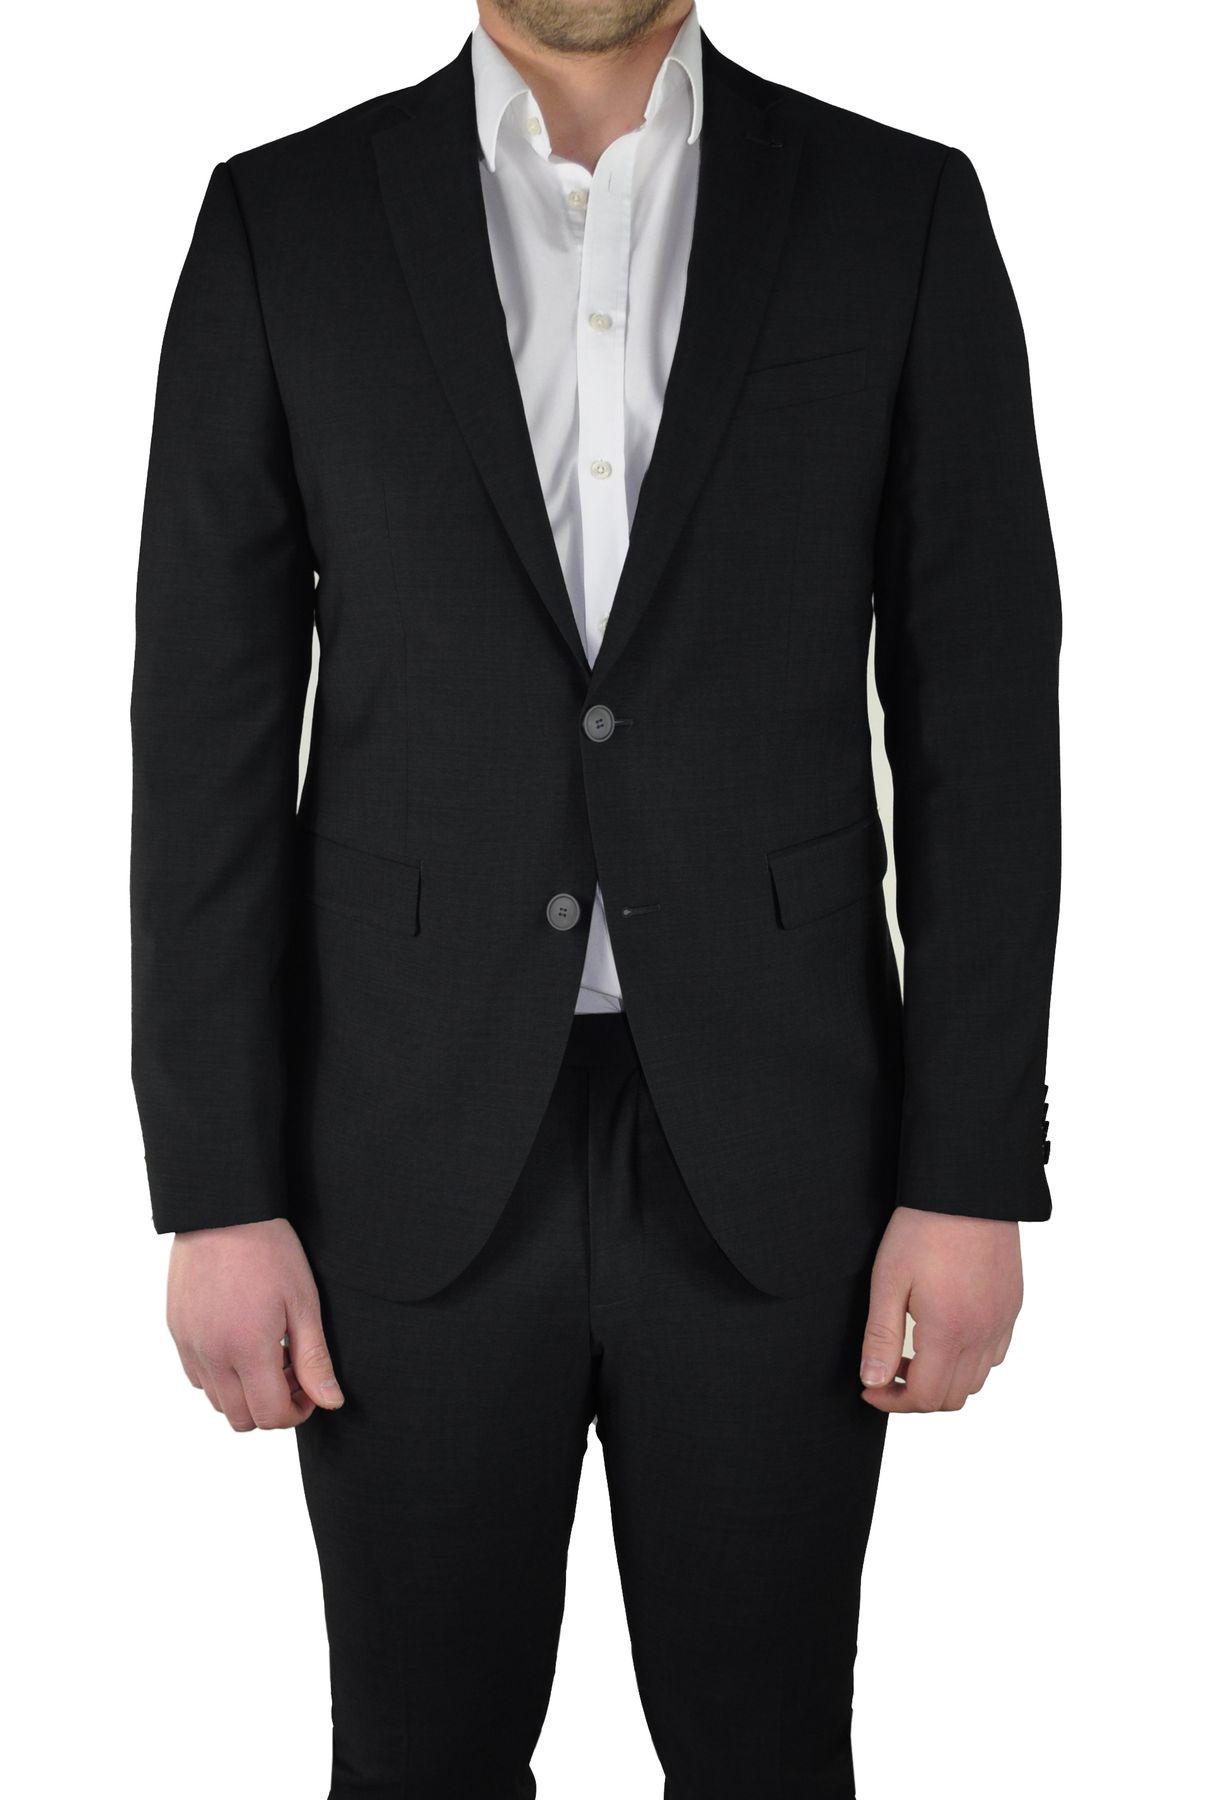 Barutti - Slim Fit - Herren Baukasten-Anzug aus reiner Schurwolle, 900 8044 (Savino/Santo) – Bild 5